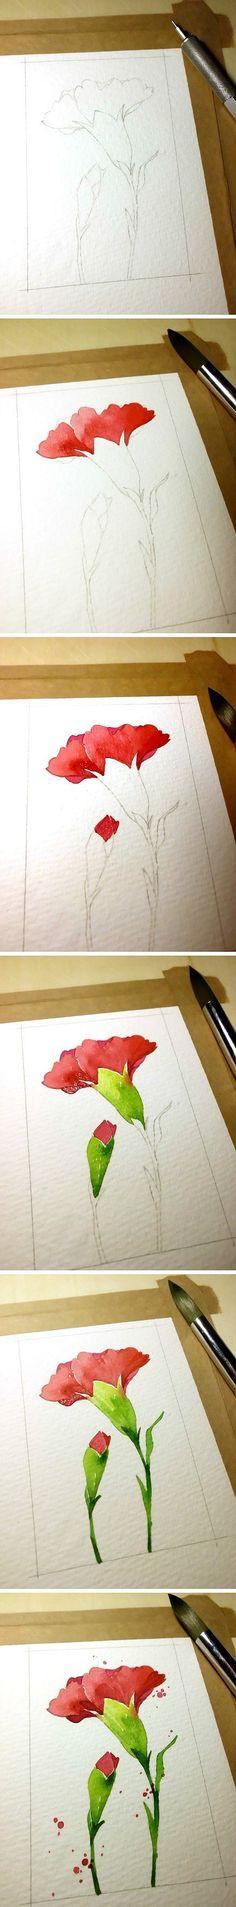 【绘画教程awww / carnation / clavel